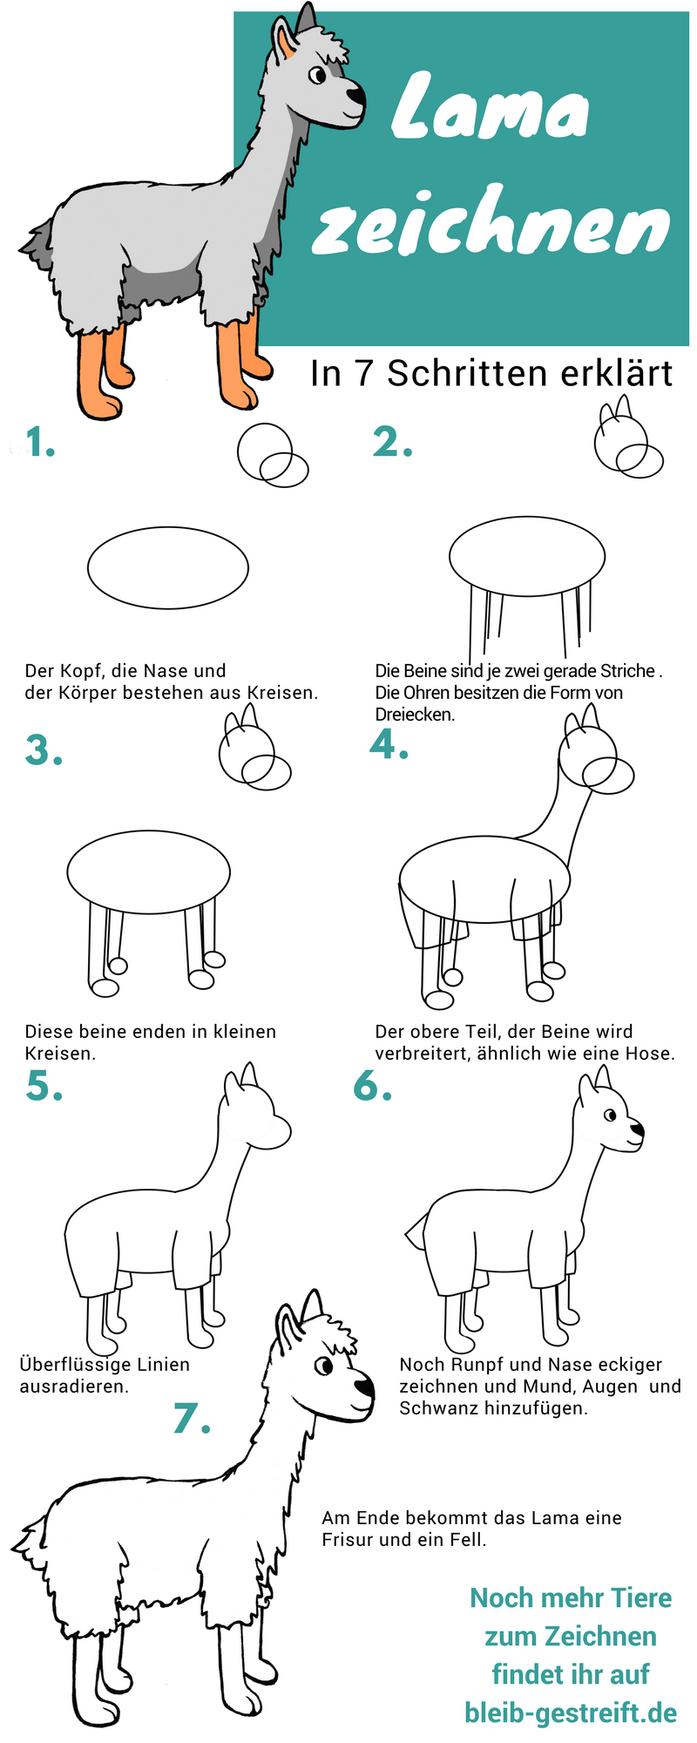 Lamas zeichnen lernen - eine Anleitung mit 7 Schritten #steinebemalenvorlagen